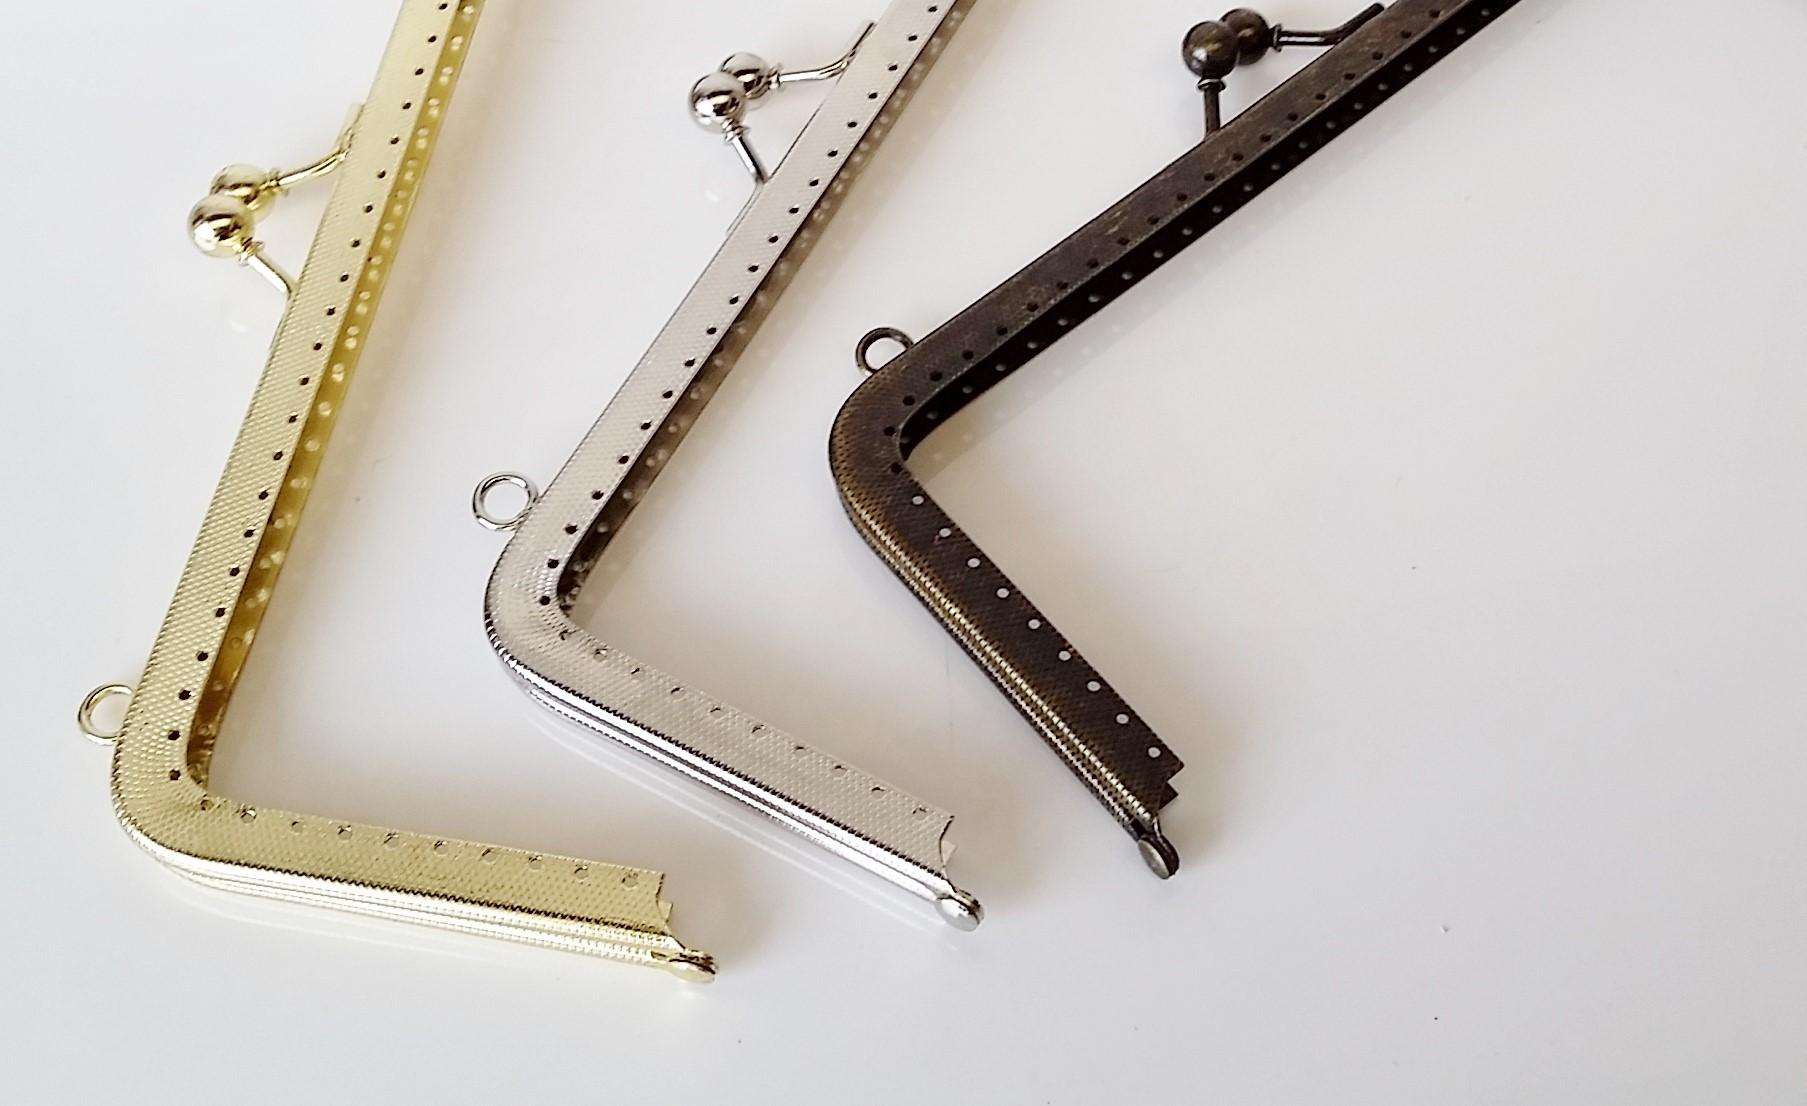 Armação 23cm x 10cm Gravada c/ furos e argolas Latonada